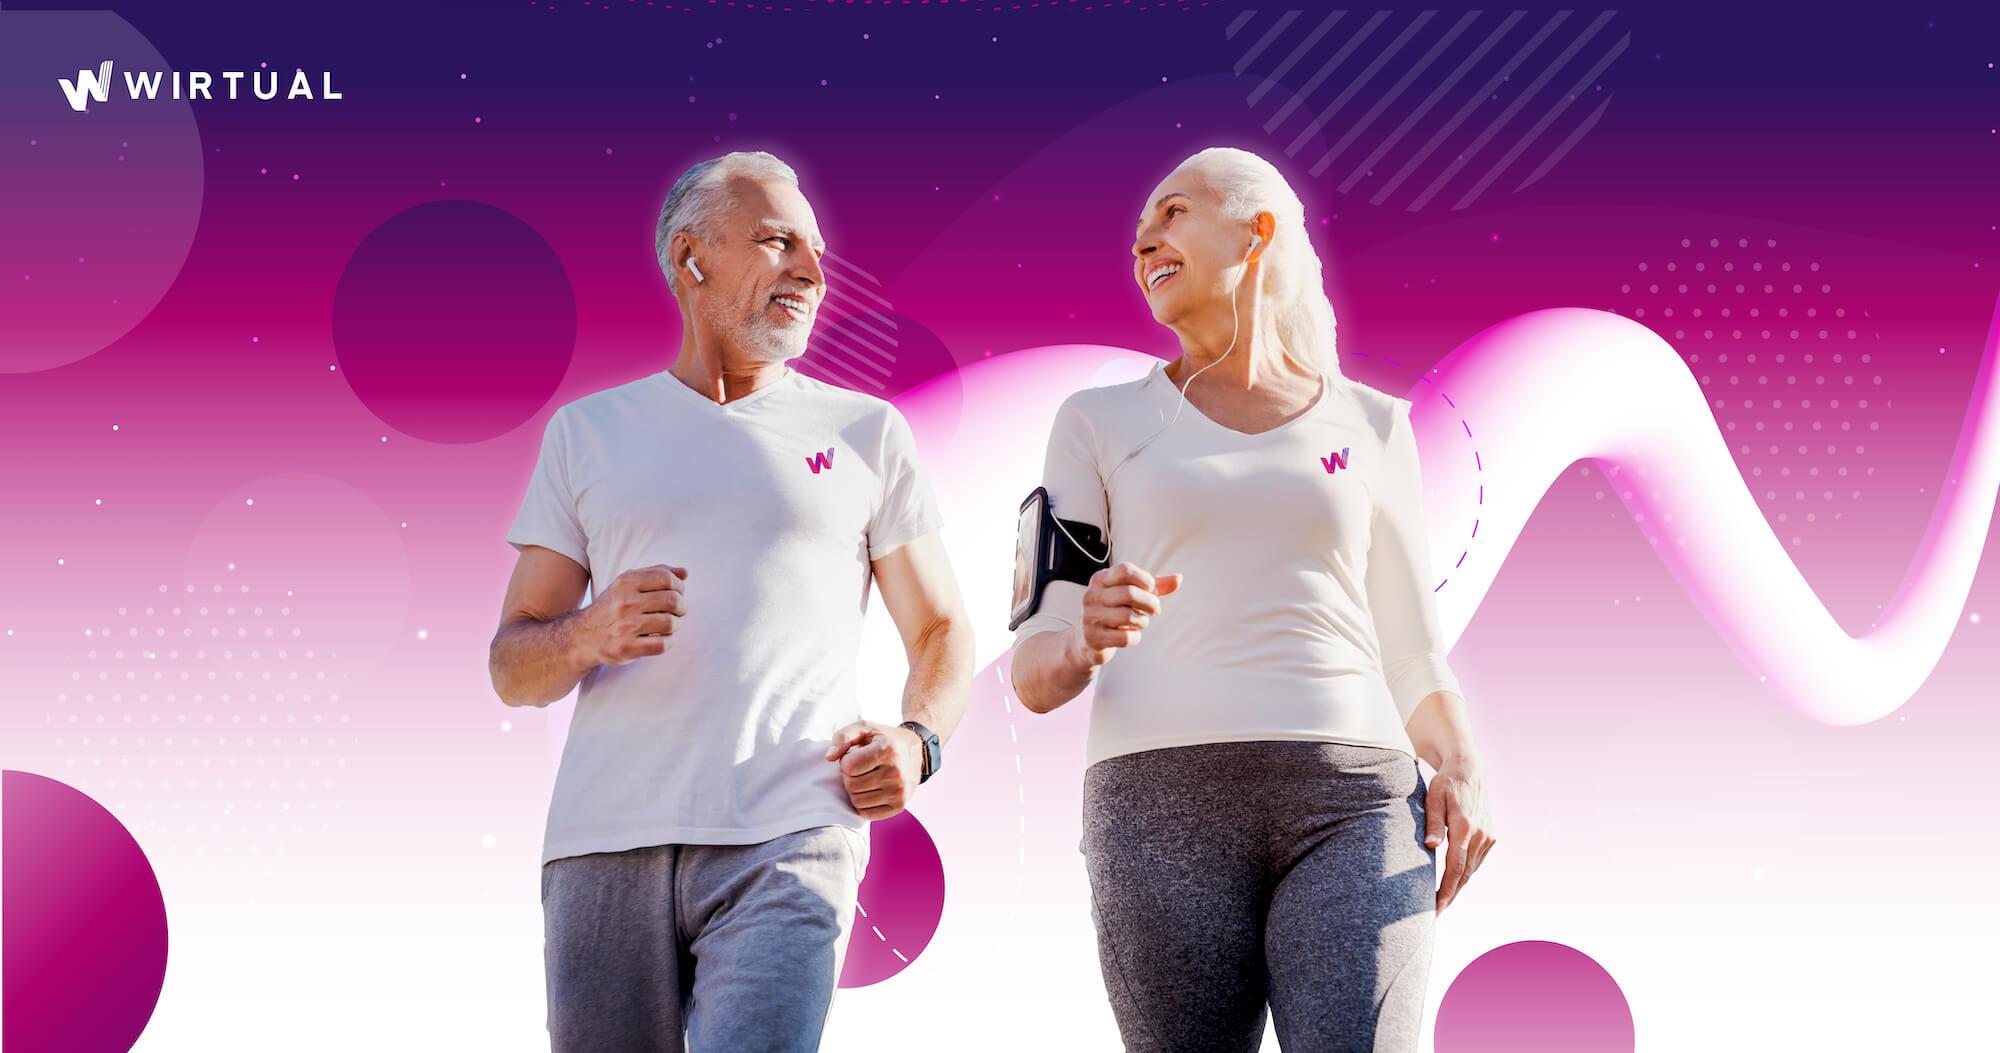 ผู้สูงอายุควรวิ่งอย่างไรจึงจะเหมาะสม ?